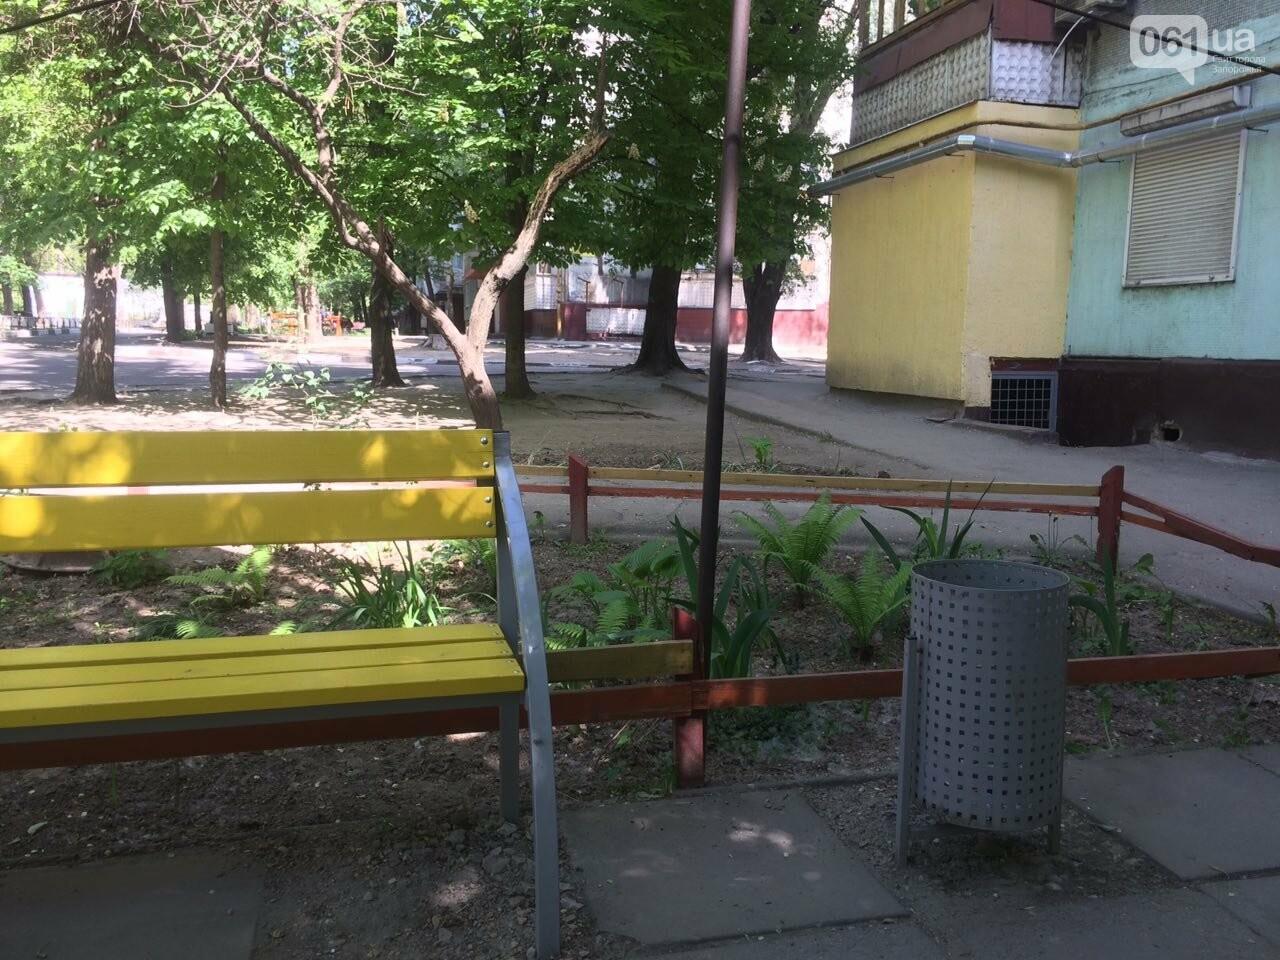 Председатель ОСМД: «С тарифами «Наш Дом Запорожье» мне не стыдно перед жильцами дома», фото-5